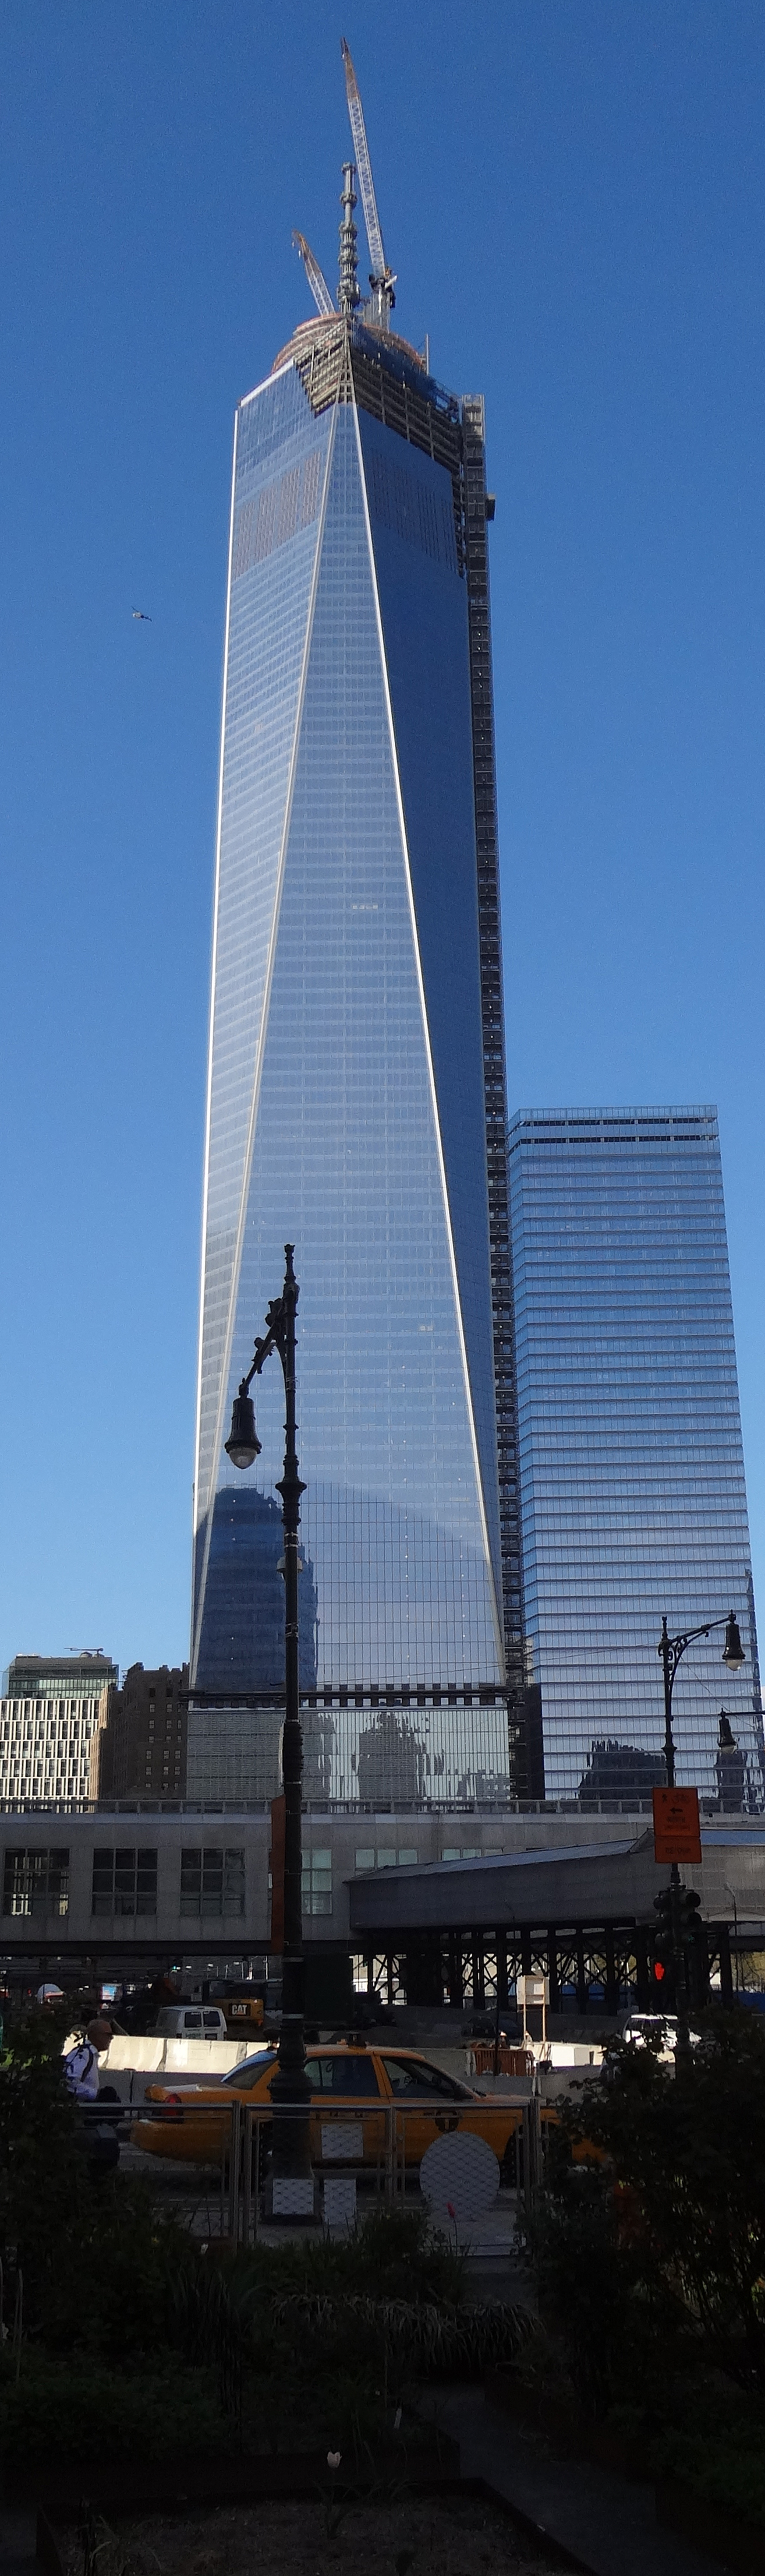 WTC 1 4-26-2013